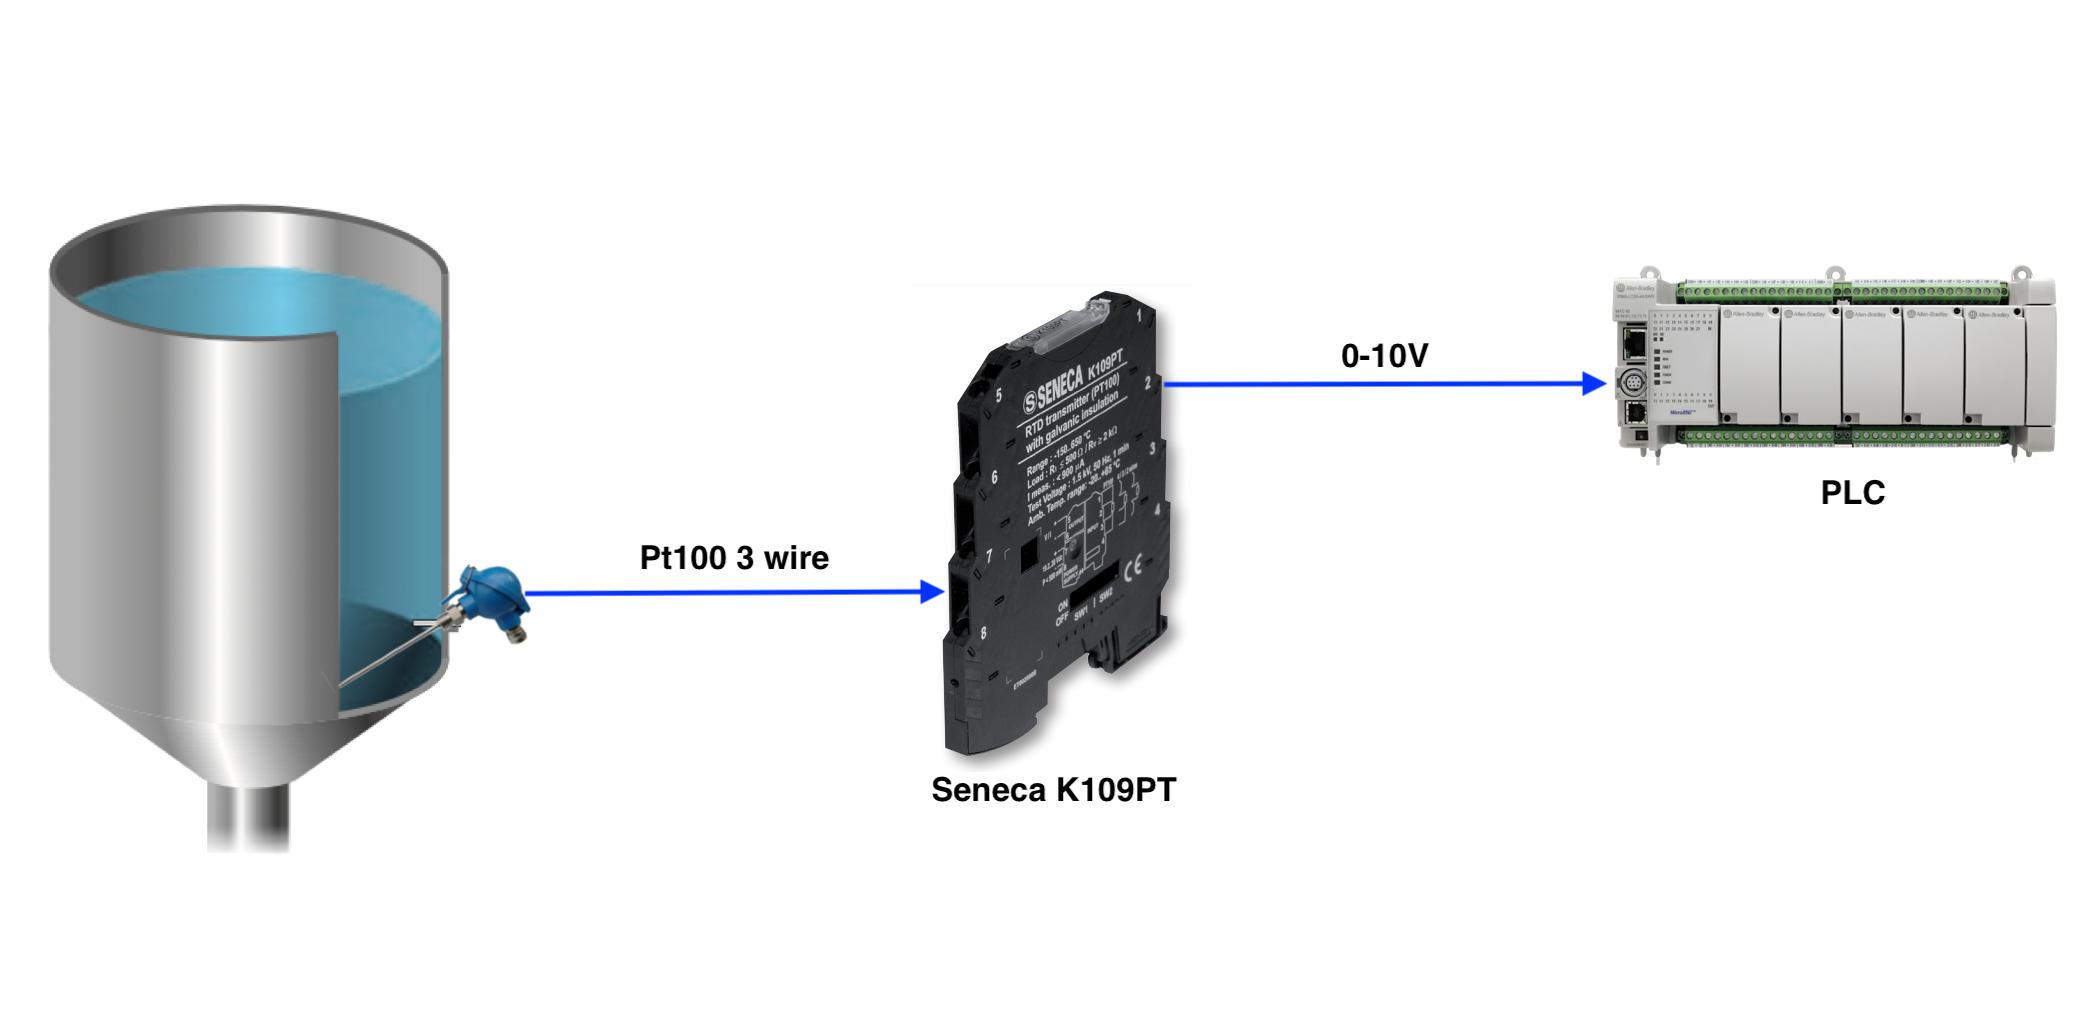 Bộ chuyển đổi Pt100 sang 0-10V | Seneca K109PT